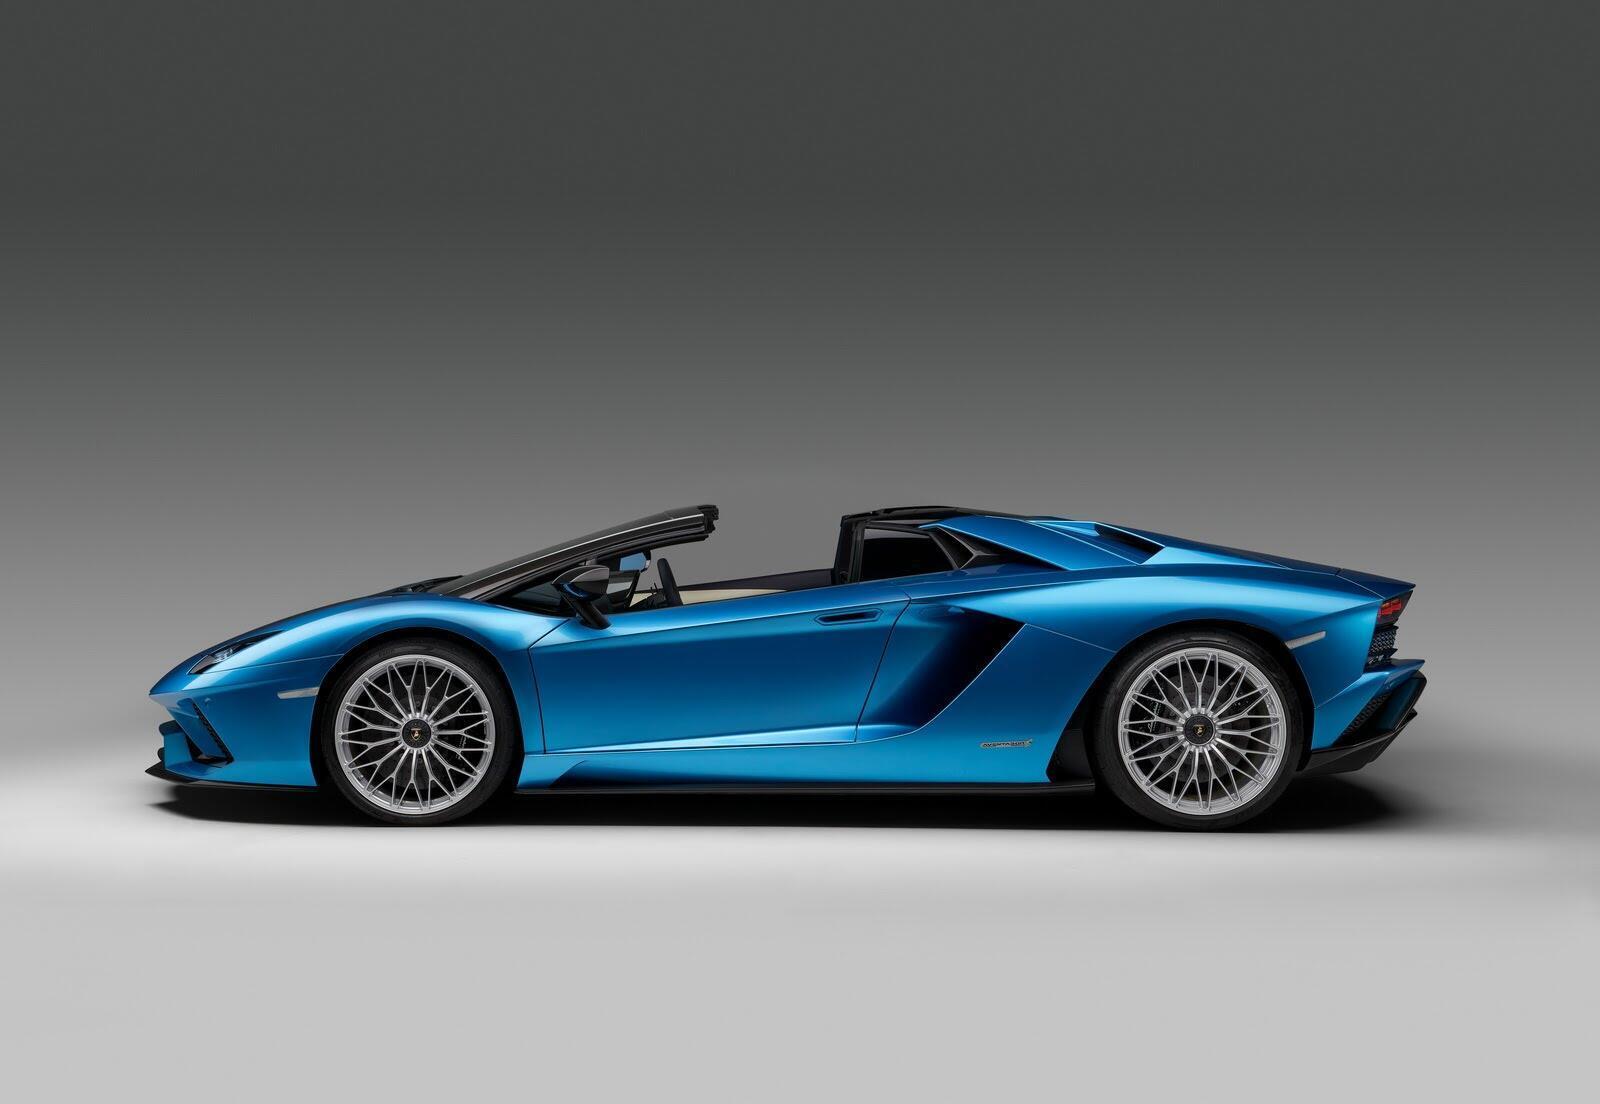 Siêu xe Lamborghini Aventador S Roadster chính thức trình làng - Hình 7